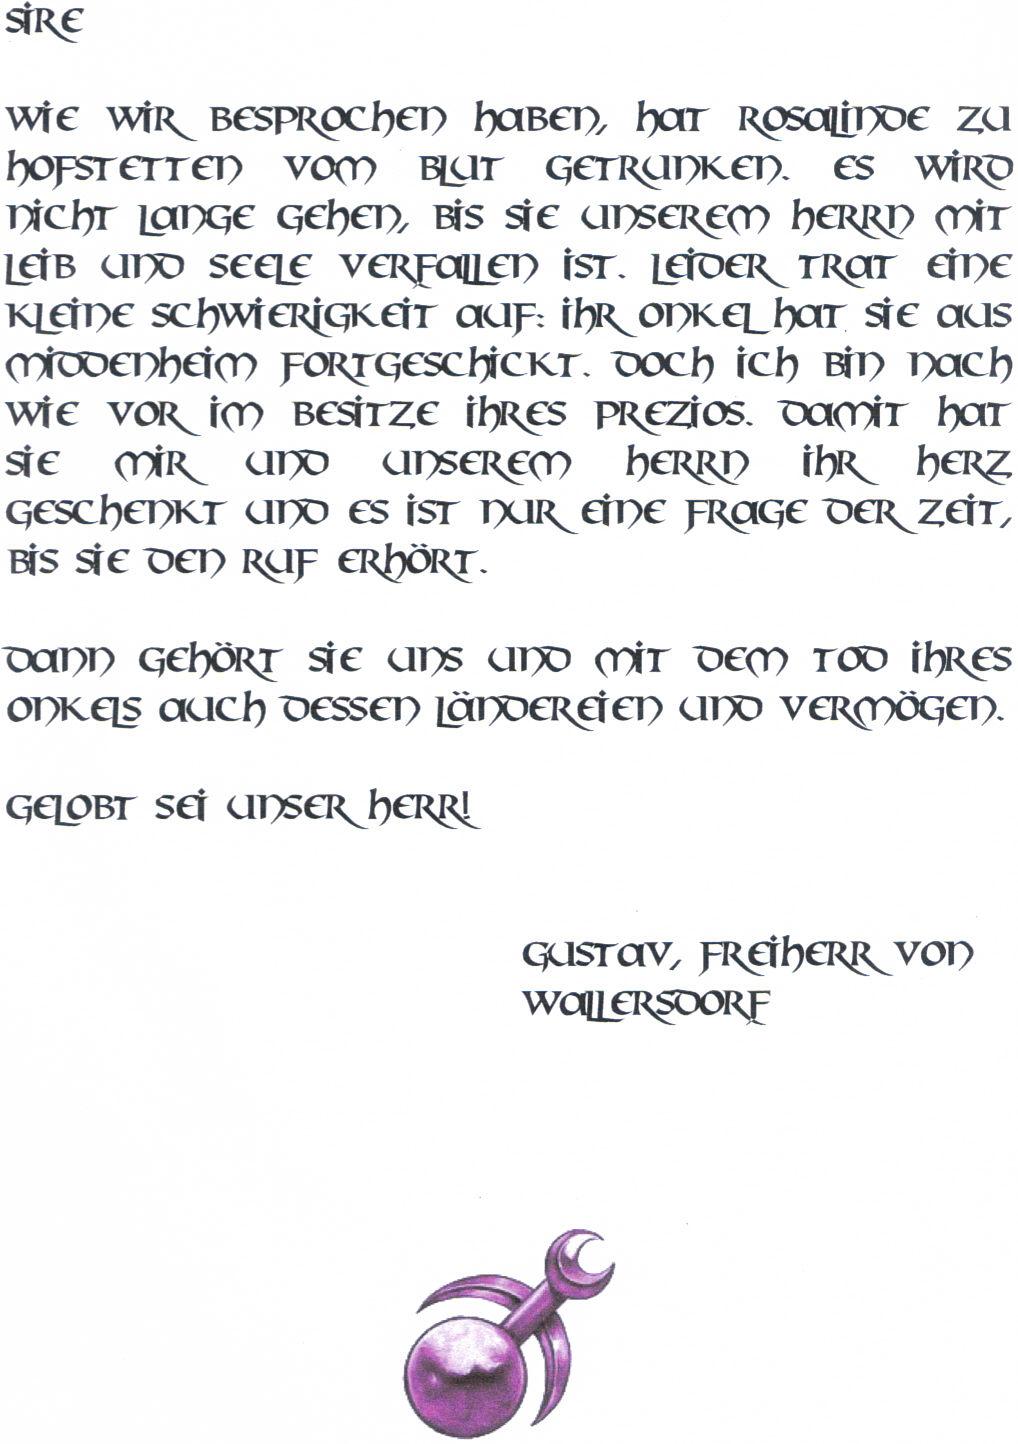 Wallersdorfs_letzter_Brief